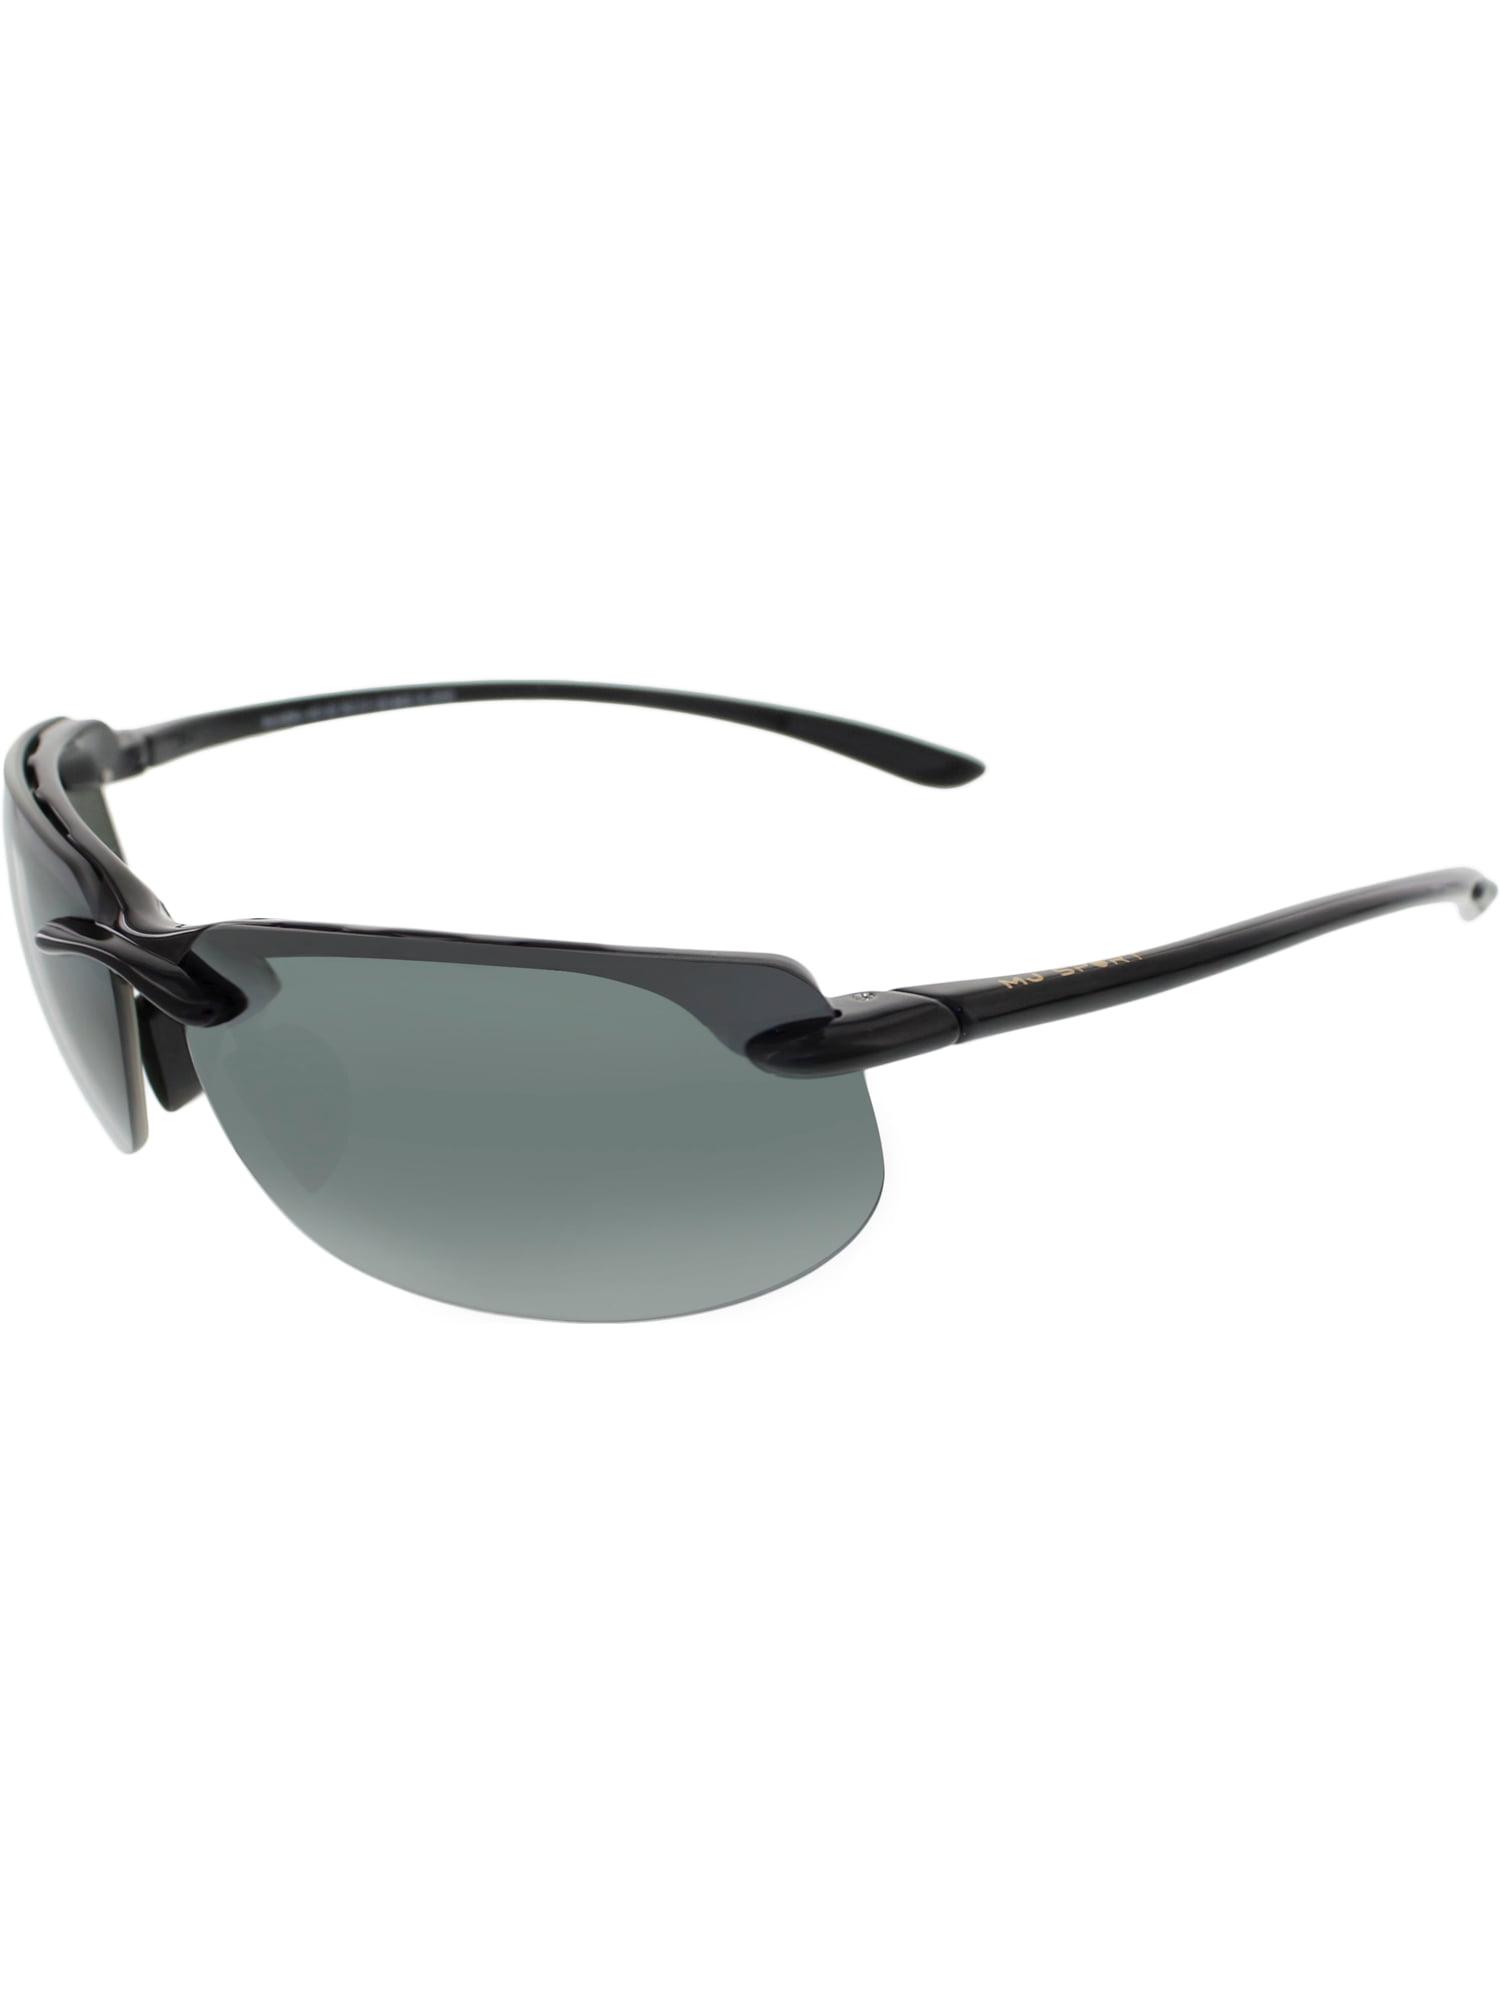 5638b47e2e75 Maui Jim - Maui Jim Men's Polarized Banyans 412-02 Black Rectangle  Sunglasses - Walmart.com